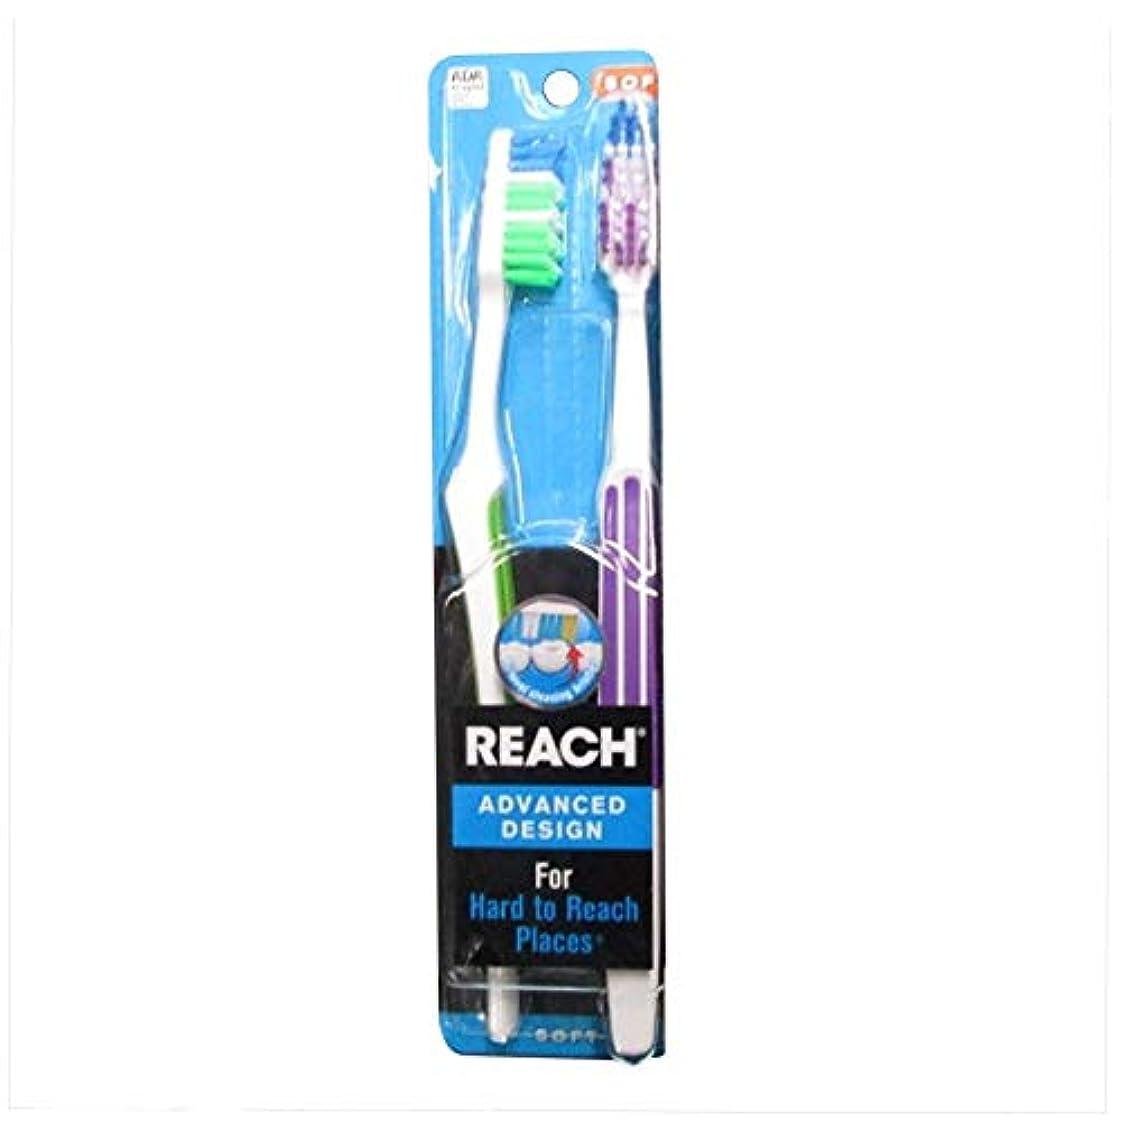 集計信条一定Reach 高度なデザイン完全な頭部柔らかい歯ブラシ、盛り合わせ色、2カウント(2パック)合計4歯ブラシ